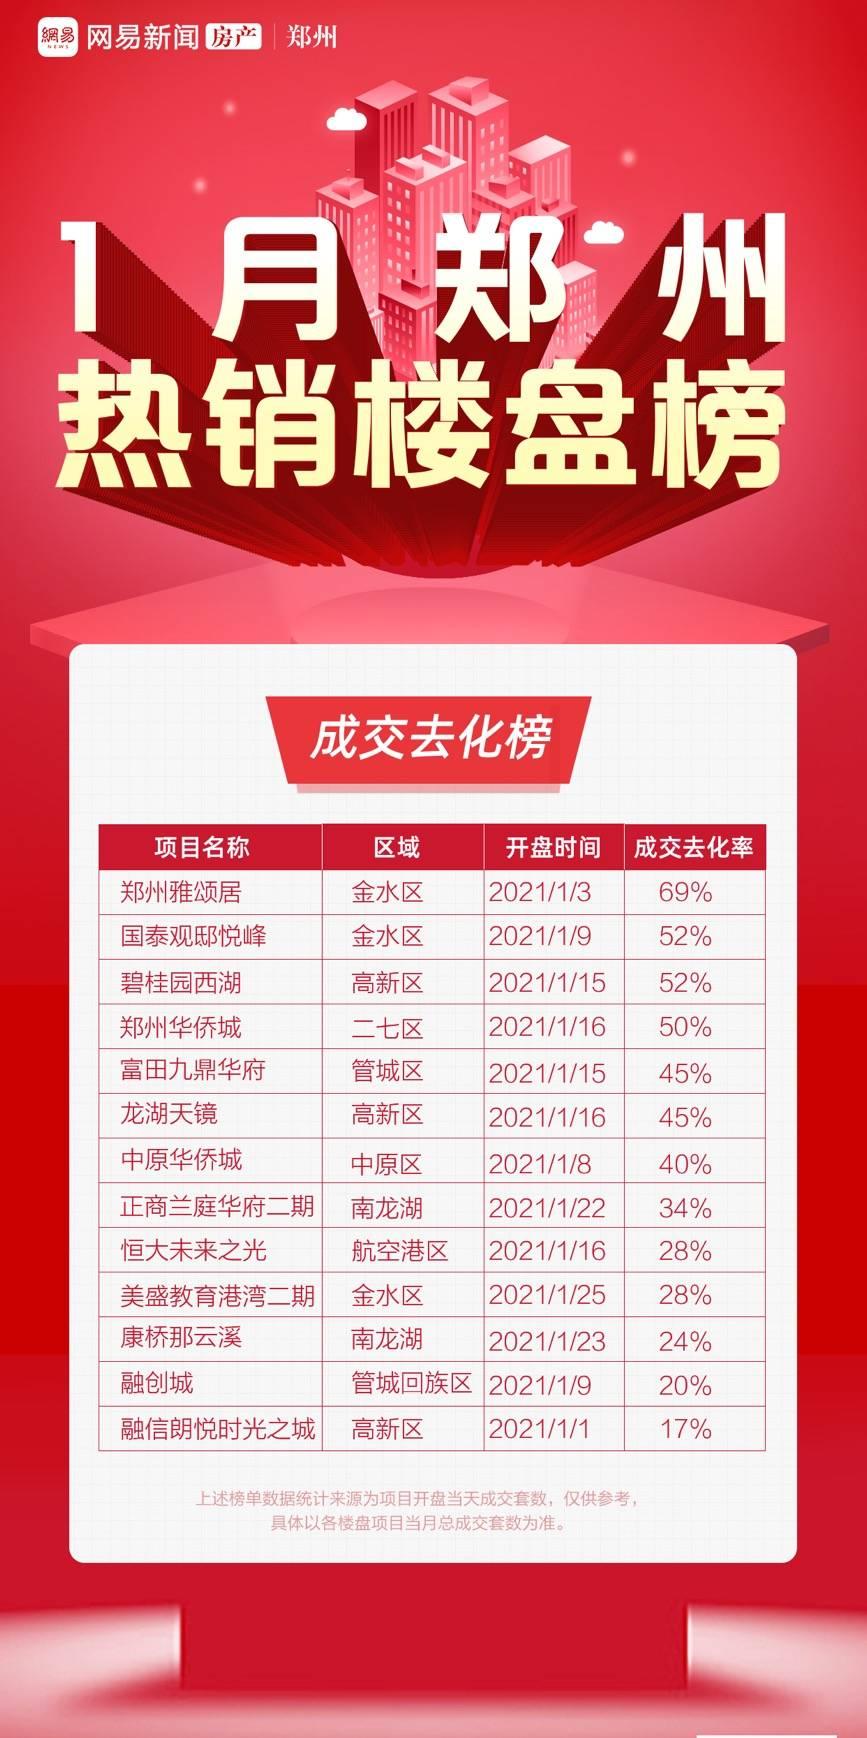 郑州楼盘排行_2021年1-4月郑州房地产企业销售业绩排行榜